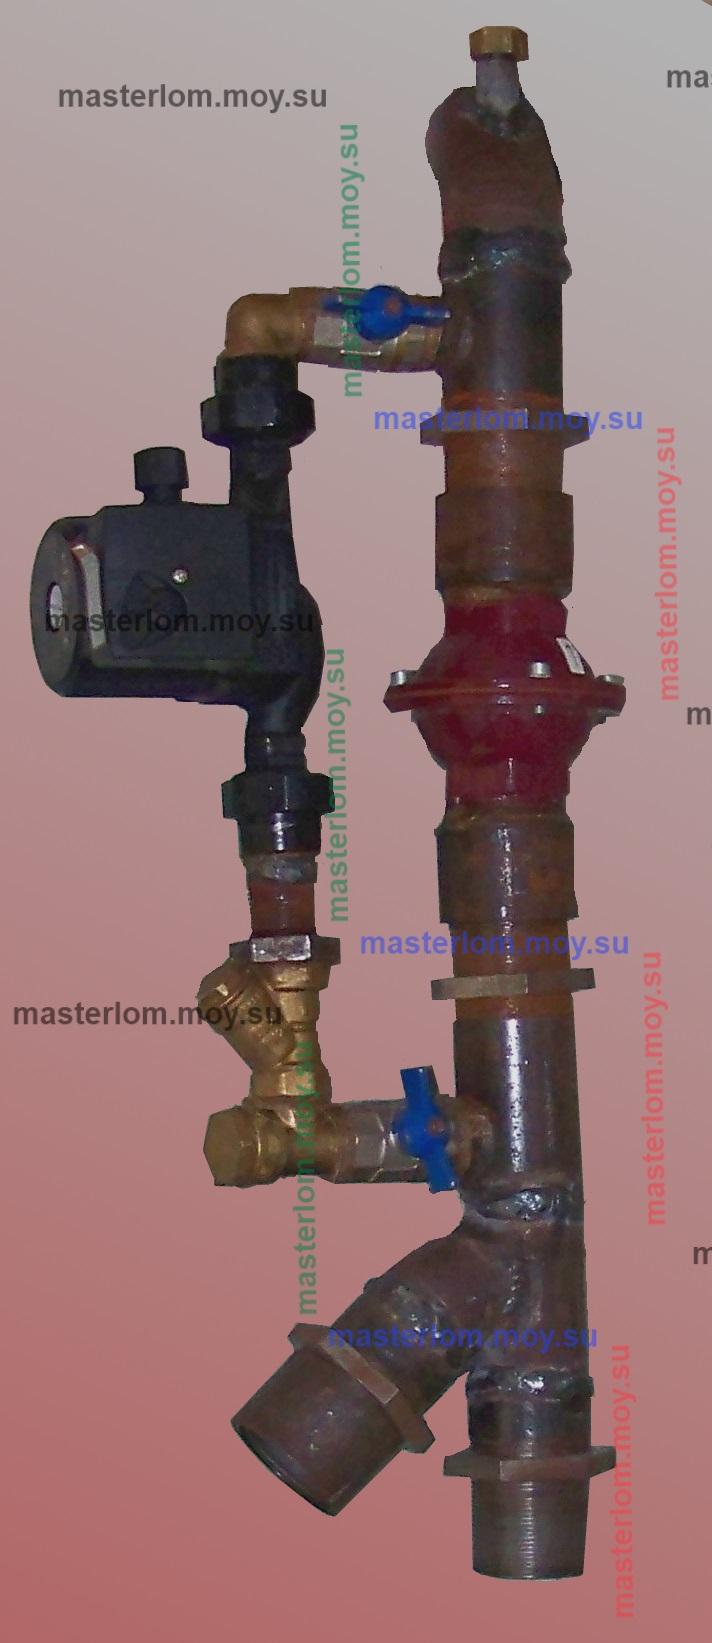 узел с насосом и обратным клапаном для монтажа над котлами отопления